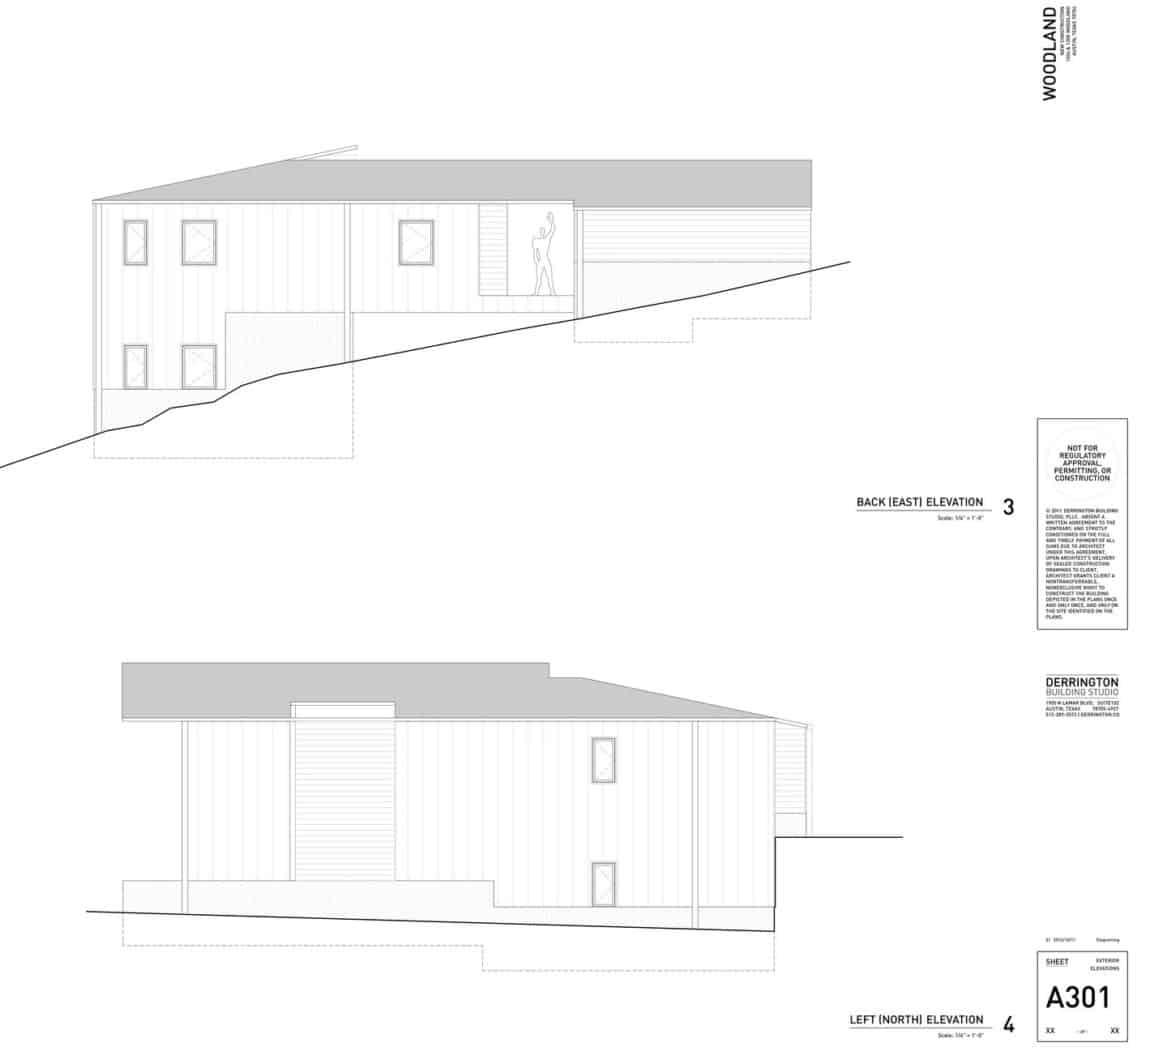 Woodland by Derrington Building Studio (21)